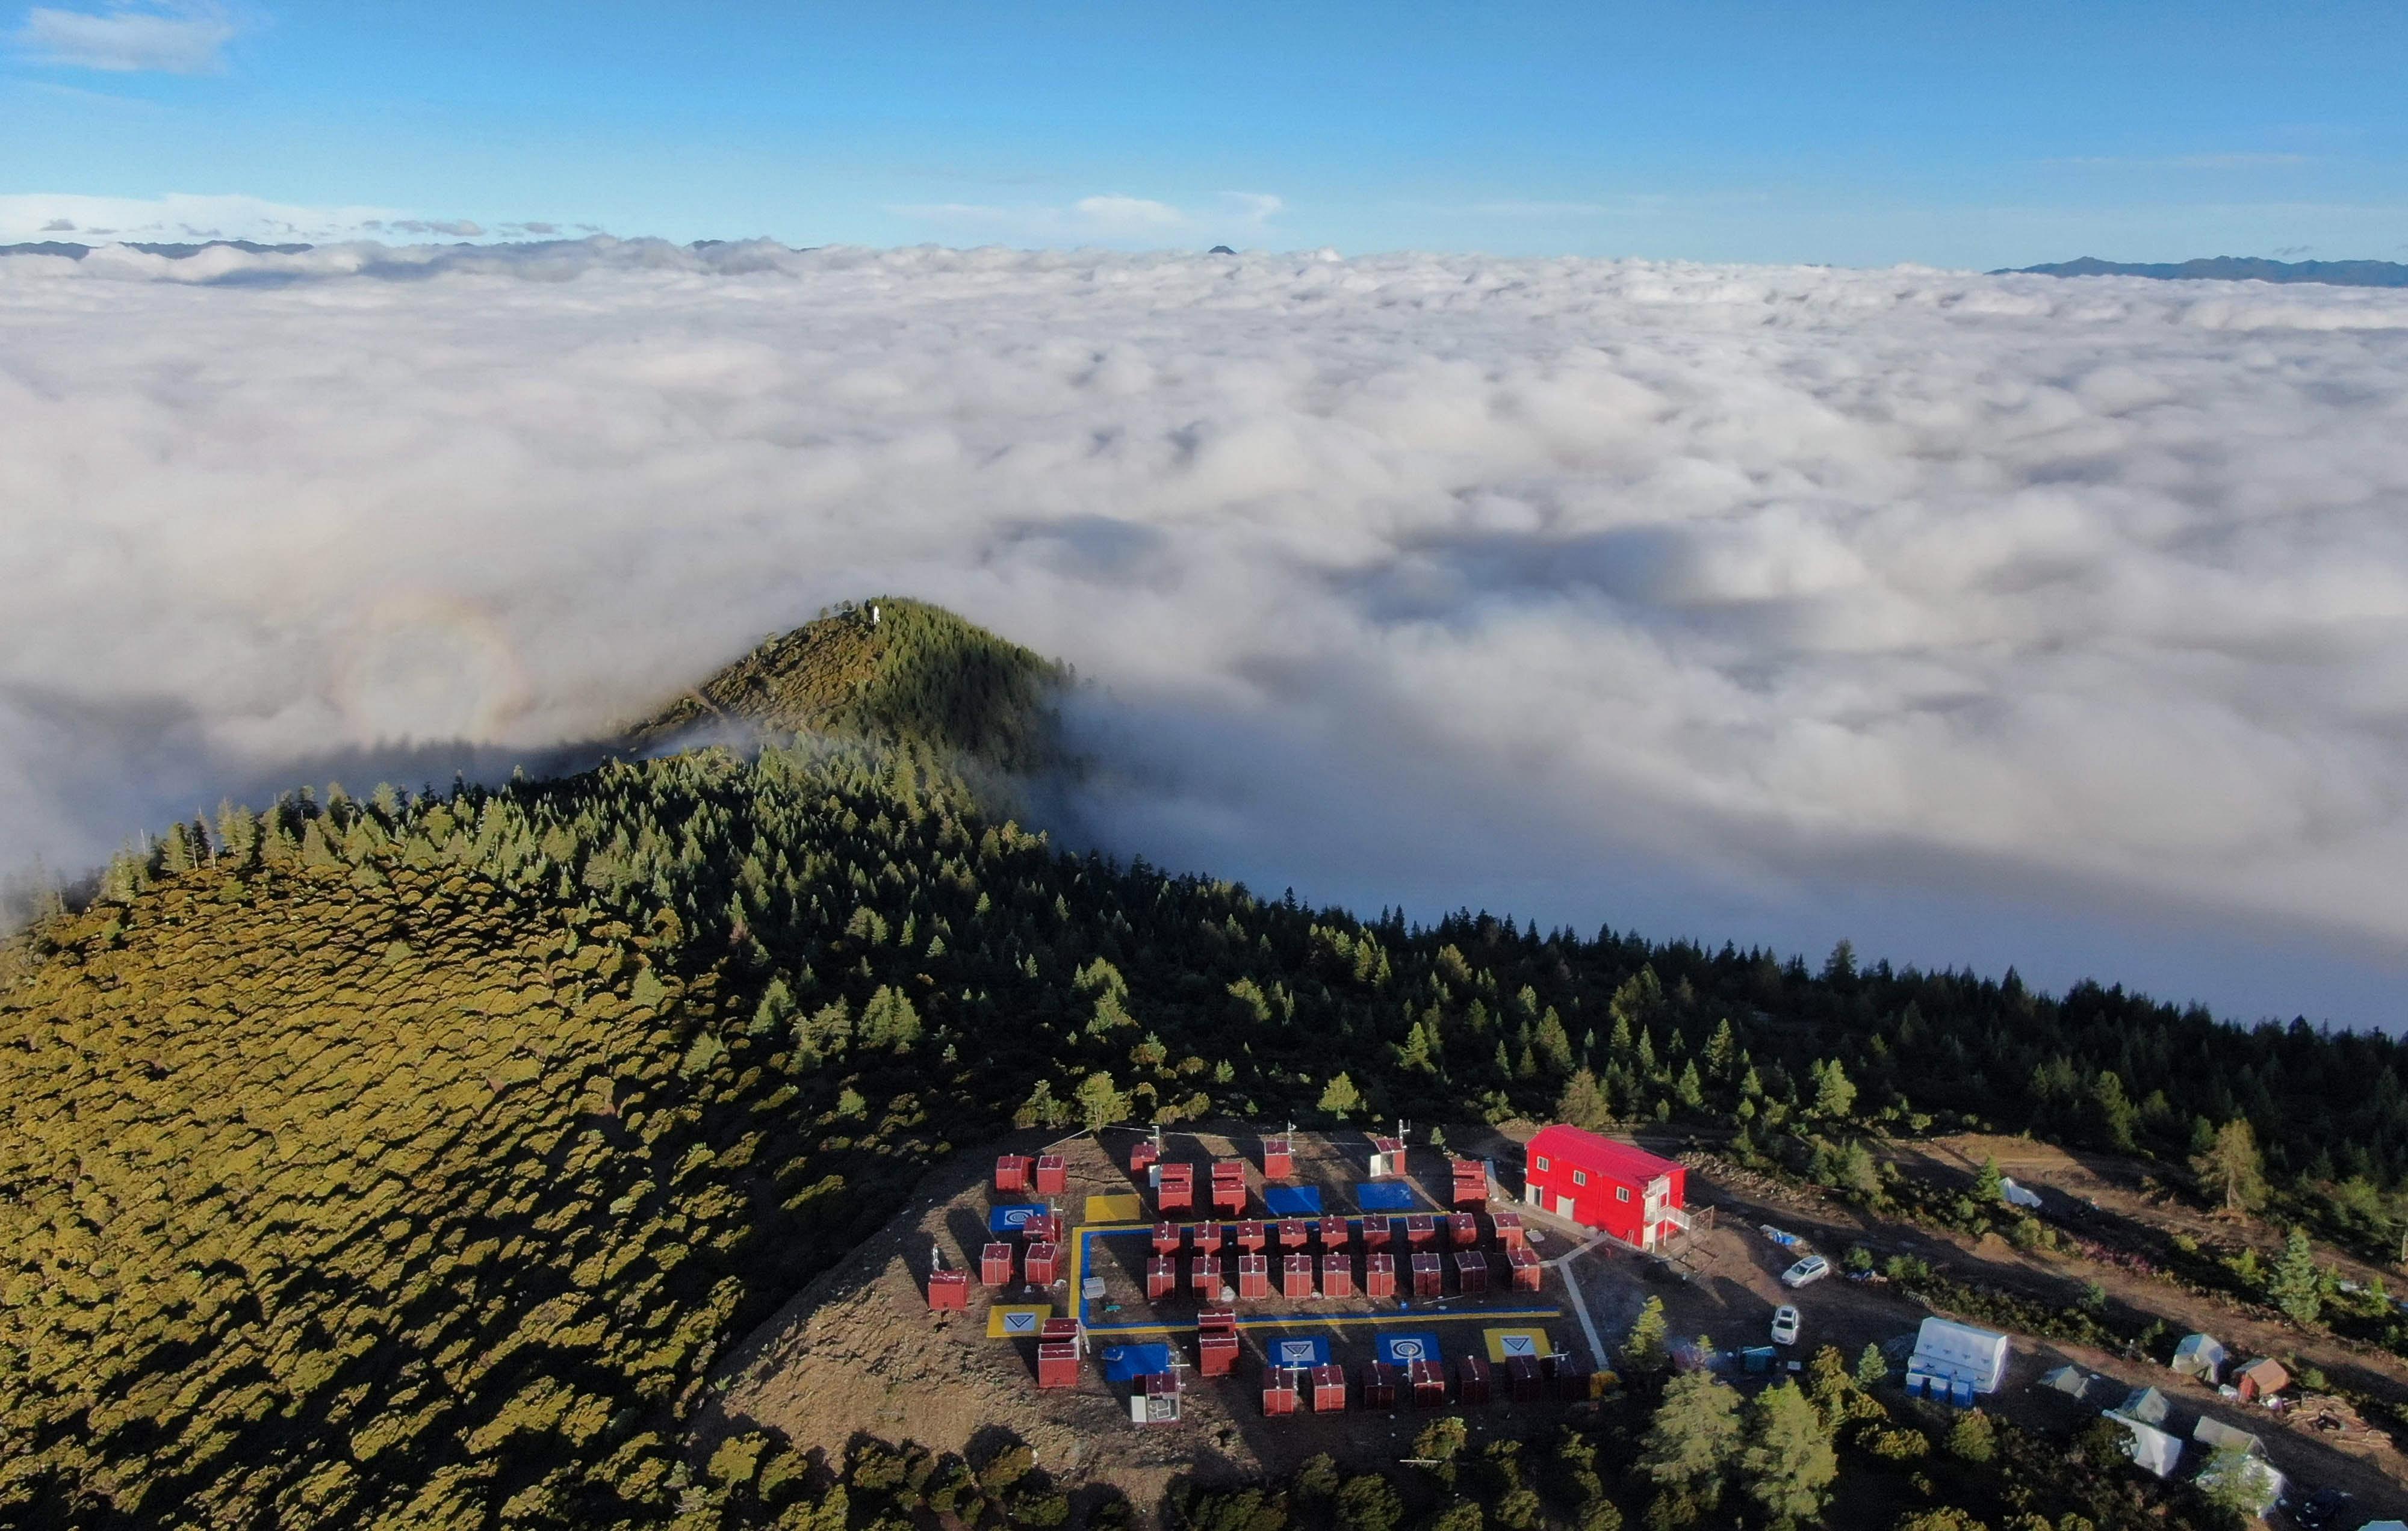 俯瞰海拔4120米的雅江县帕姆岭寺顺丰无人机雅江运营基地(8月5日无人机拍摄)。新华社记者 江宏景 摄